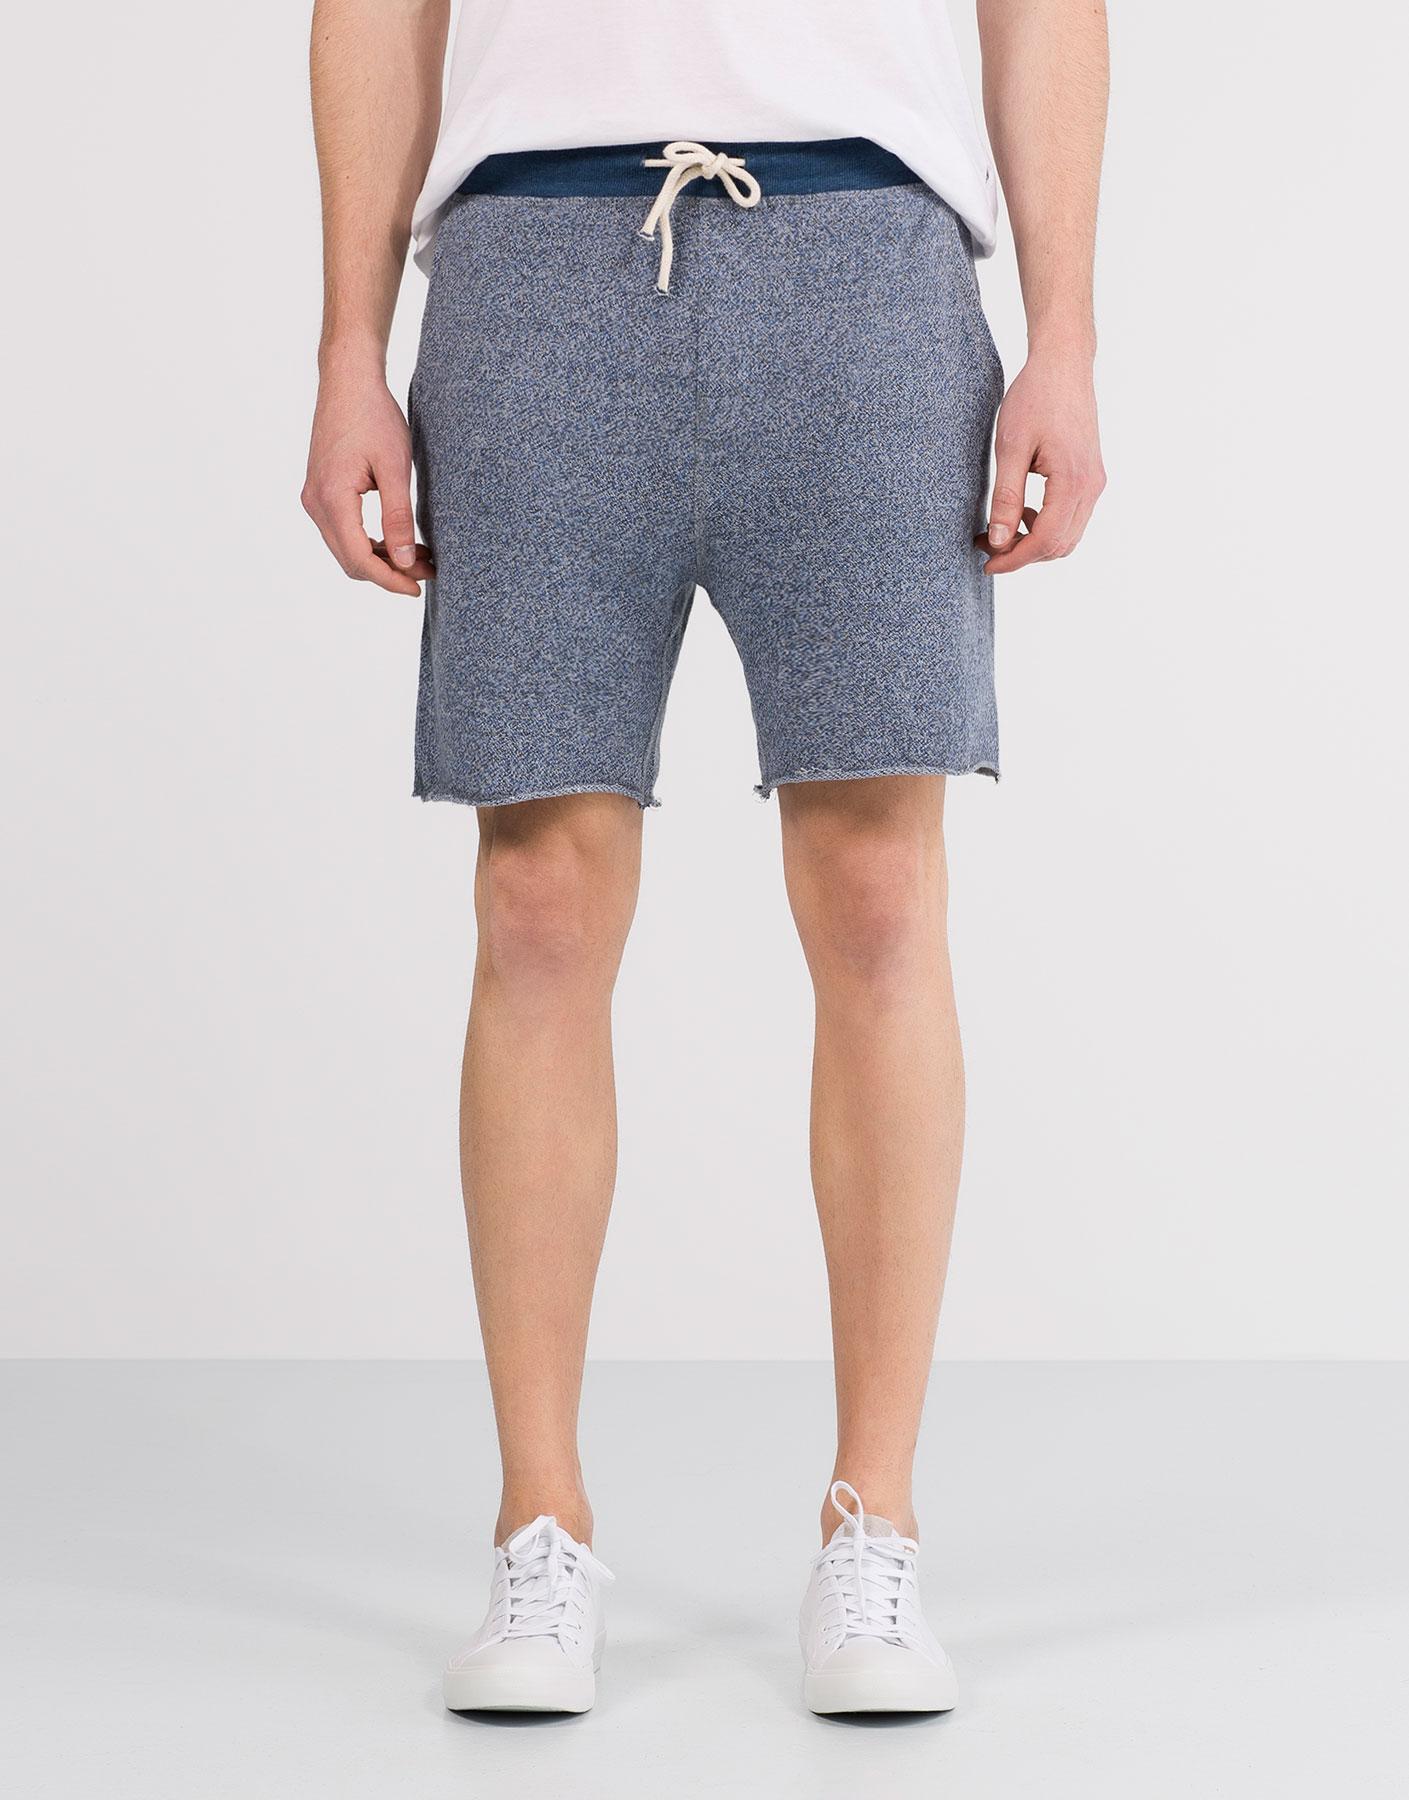 Contrast bermuda jogging shorts